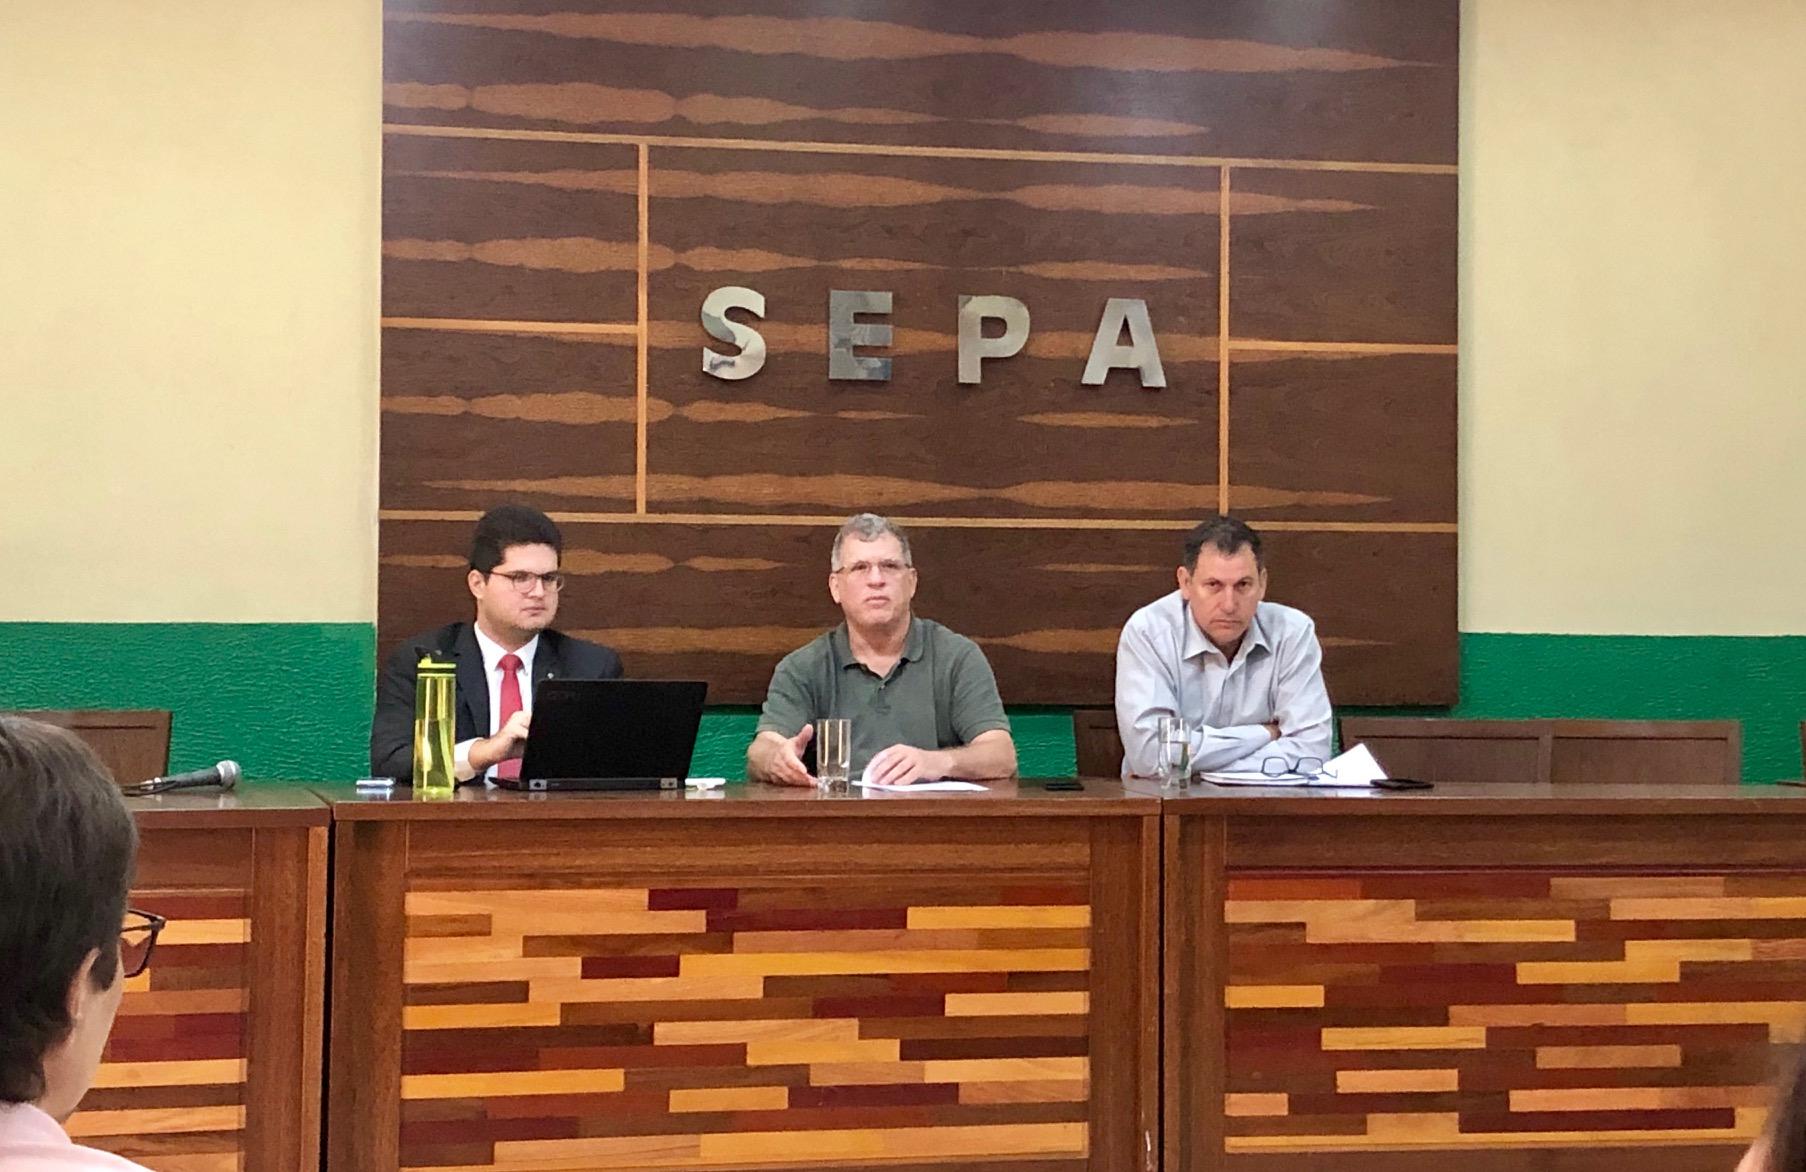 Governo e Defensoria Pública da União discutem soluções de conflitos agrários no Acre